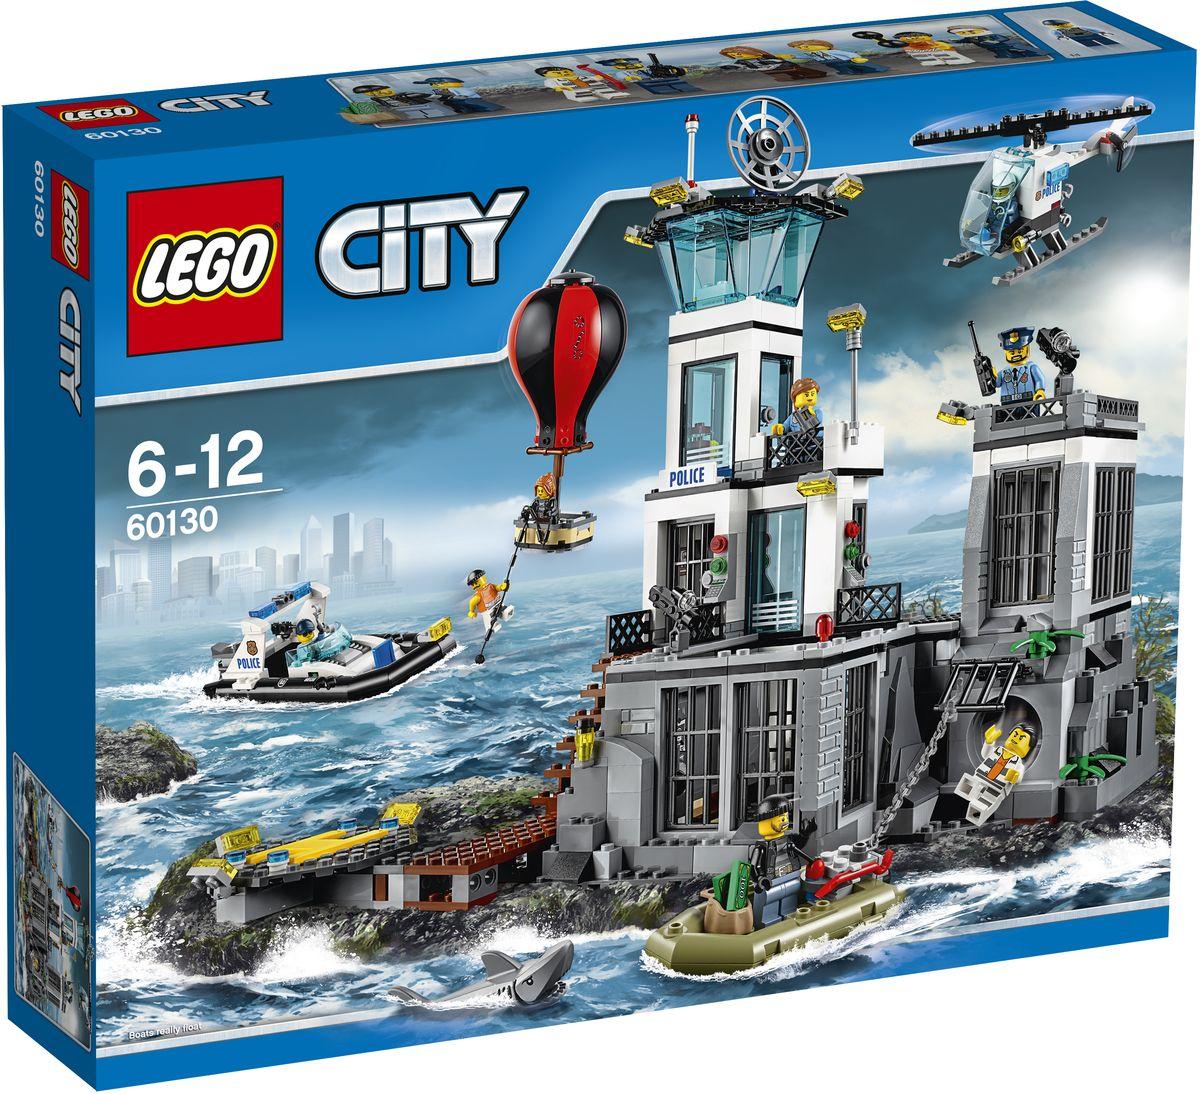 LEGO City Конструктор Остров-тюрьма 6013060130Помоги полиции не дать плохим парням улизнуть с острова-тюрьмы LEGO City! Следи за преступниками, которые работают в тюремном дворе. Чтобы увидеть, какие планы побега строят преступники, открой тюрьму. Ты и полиция должны быть в полной готовности, чтобы поймать преступников, которые пробираются по канализации к катеру, подготовленному для побега! Запрыгивай в вертолёт и не дай им сбежать на воздушном шаре. Они сделают всё, чтобы вырваться с Острова-тюрьмы! Рекомендуемы возраст: 6-12 лет.